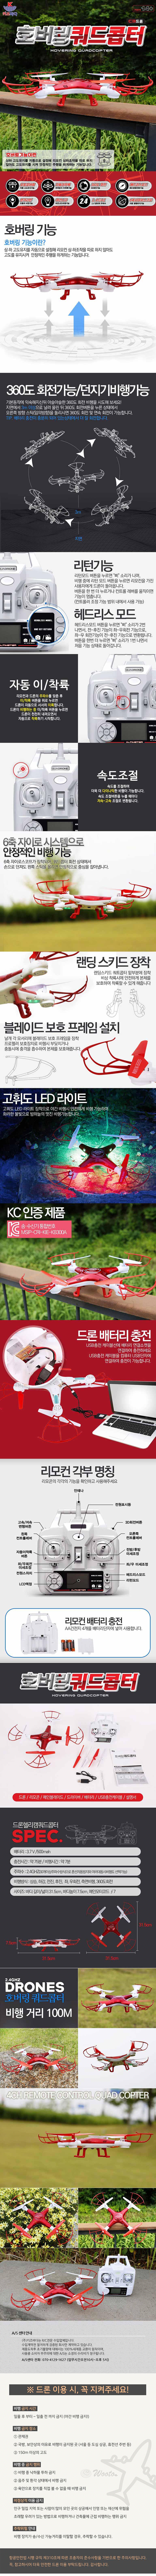 호버링 쿼드콥터 드론 LED 라이트 충전식드론 - 우토, 44,000원, R/C 드론/쿼드콥터, 드론